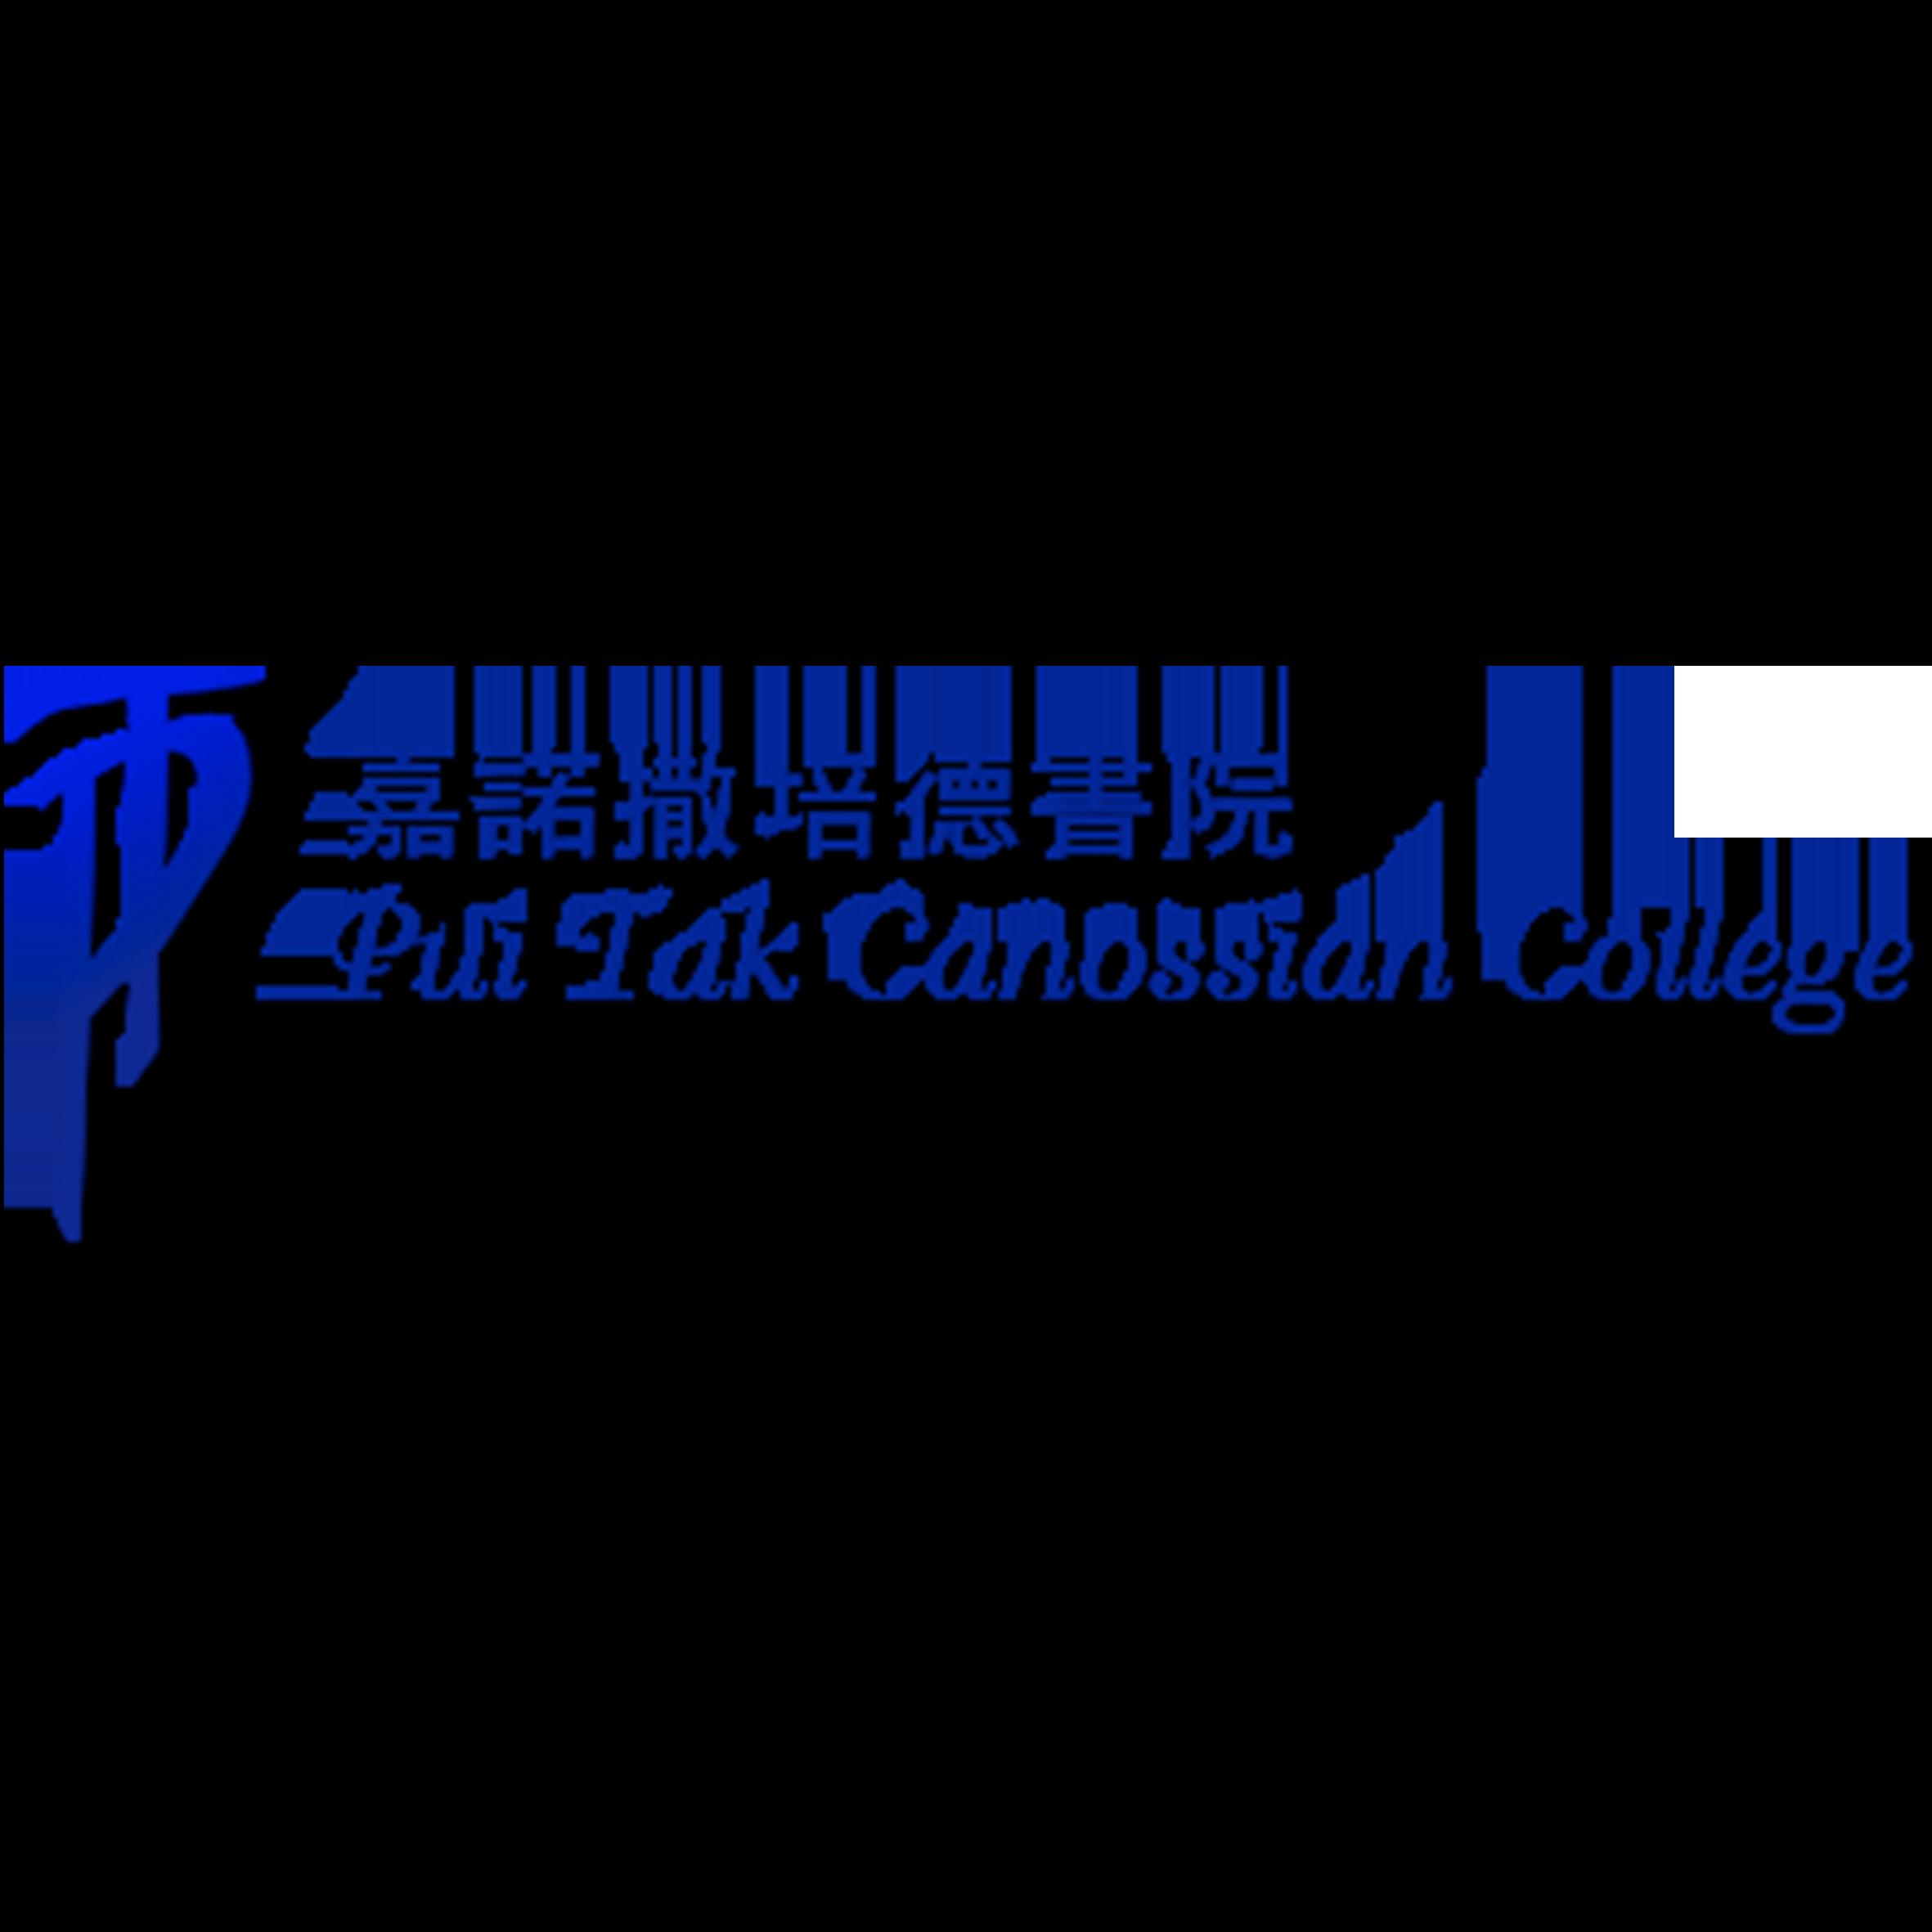 Pui Tak Canossian College